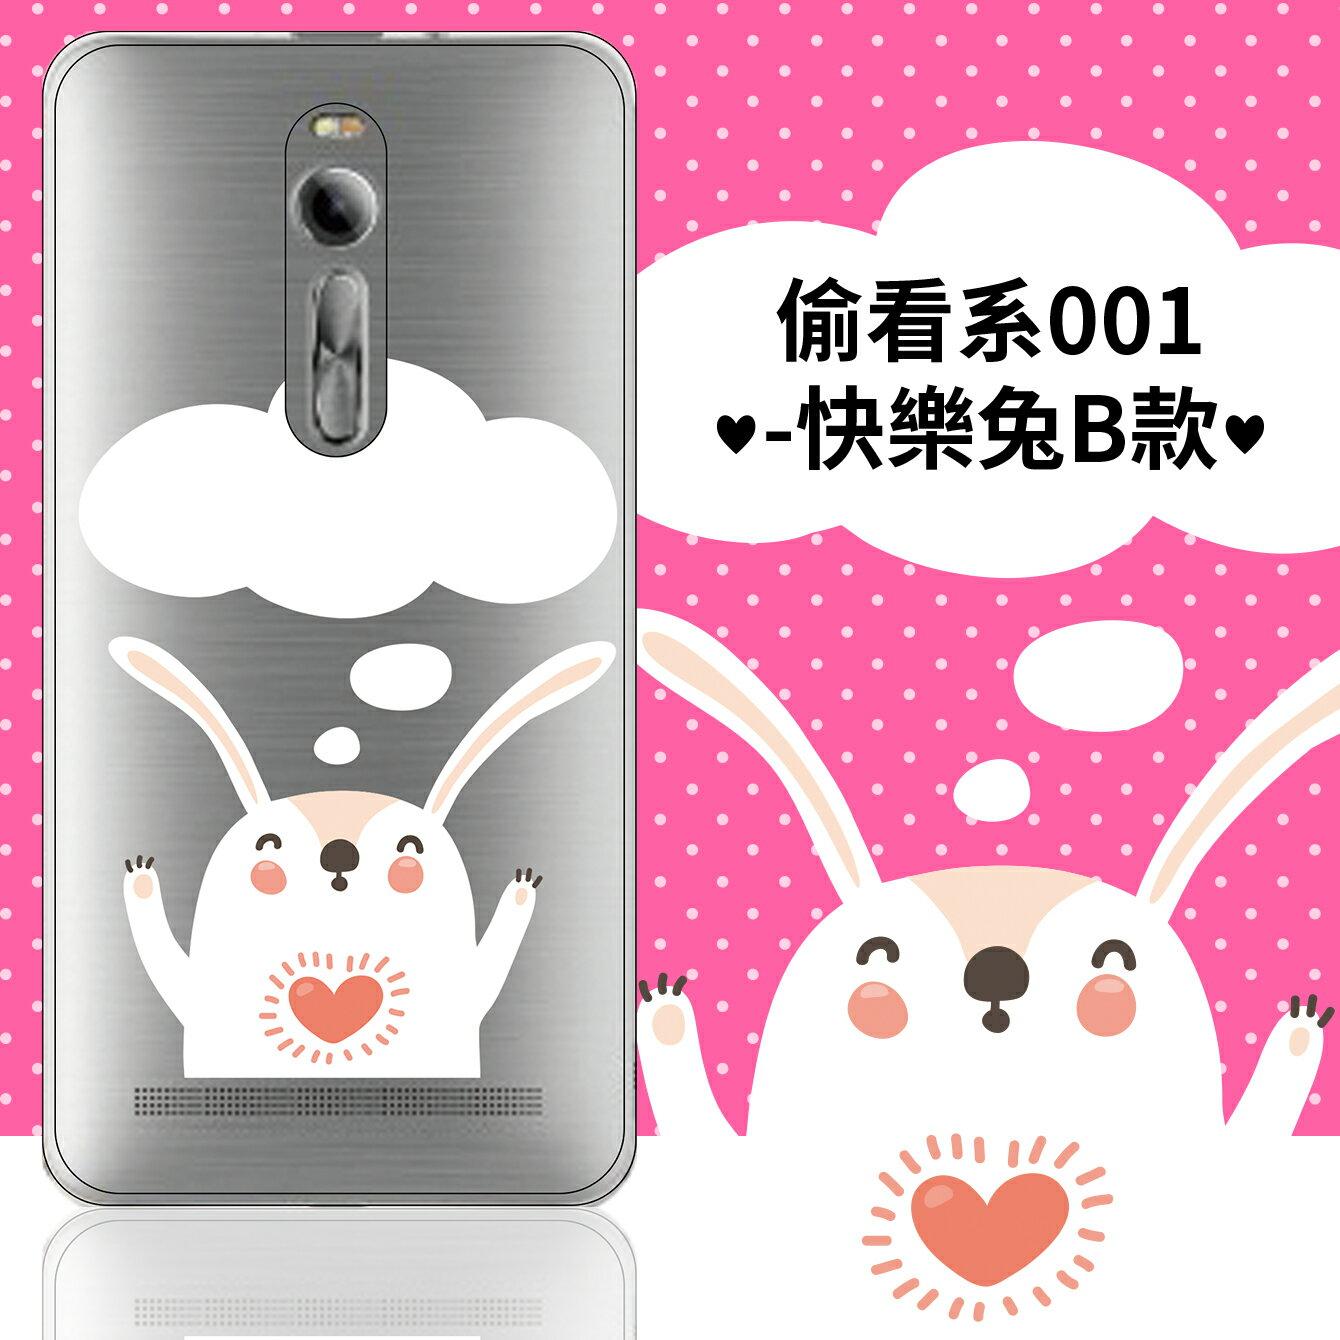 [ASUS] ✨ 偷看系透明軟殼 ✨ 日本工藝超精細[ZenFone2 Selfie,ZenFone2 go,ZenFone2 5吋,ZenFone2 5.5吋,ZenFone2 Laser 5吋,ZenFone2 Laser 5.5吋,ZenFone2 Laser 6吋,ZenFone6] 1